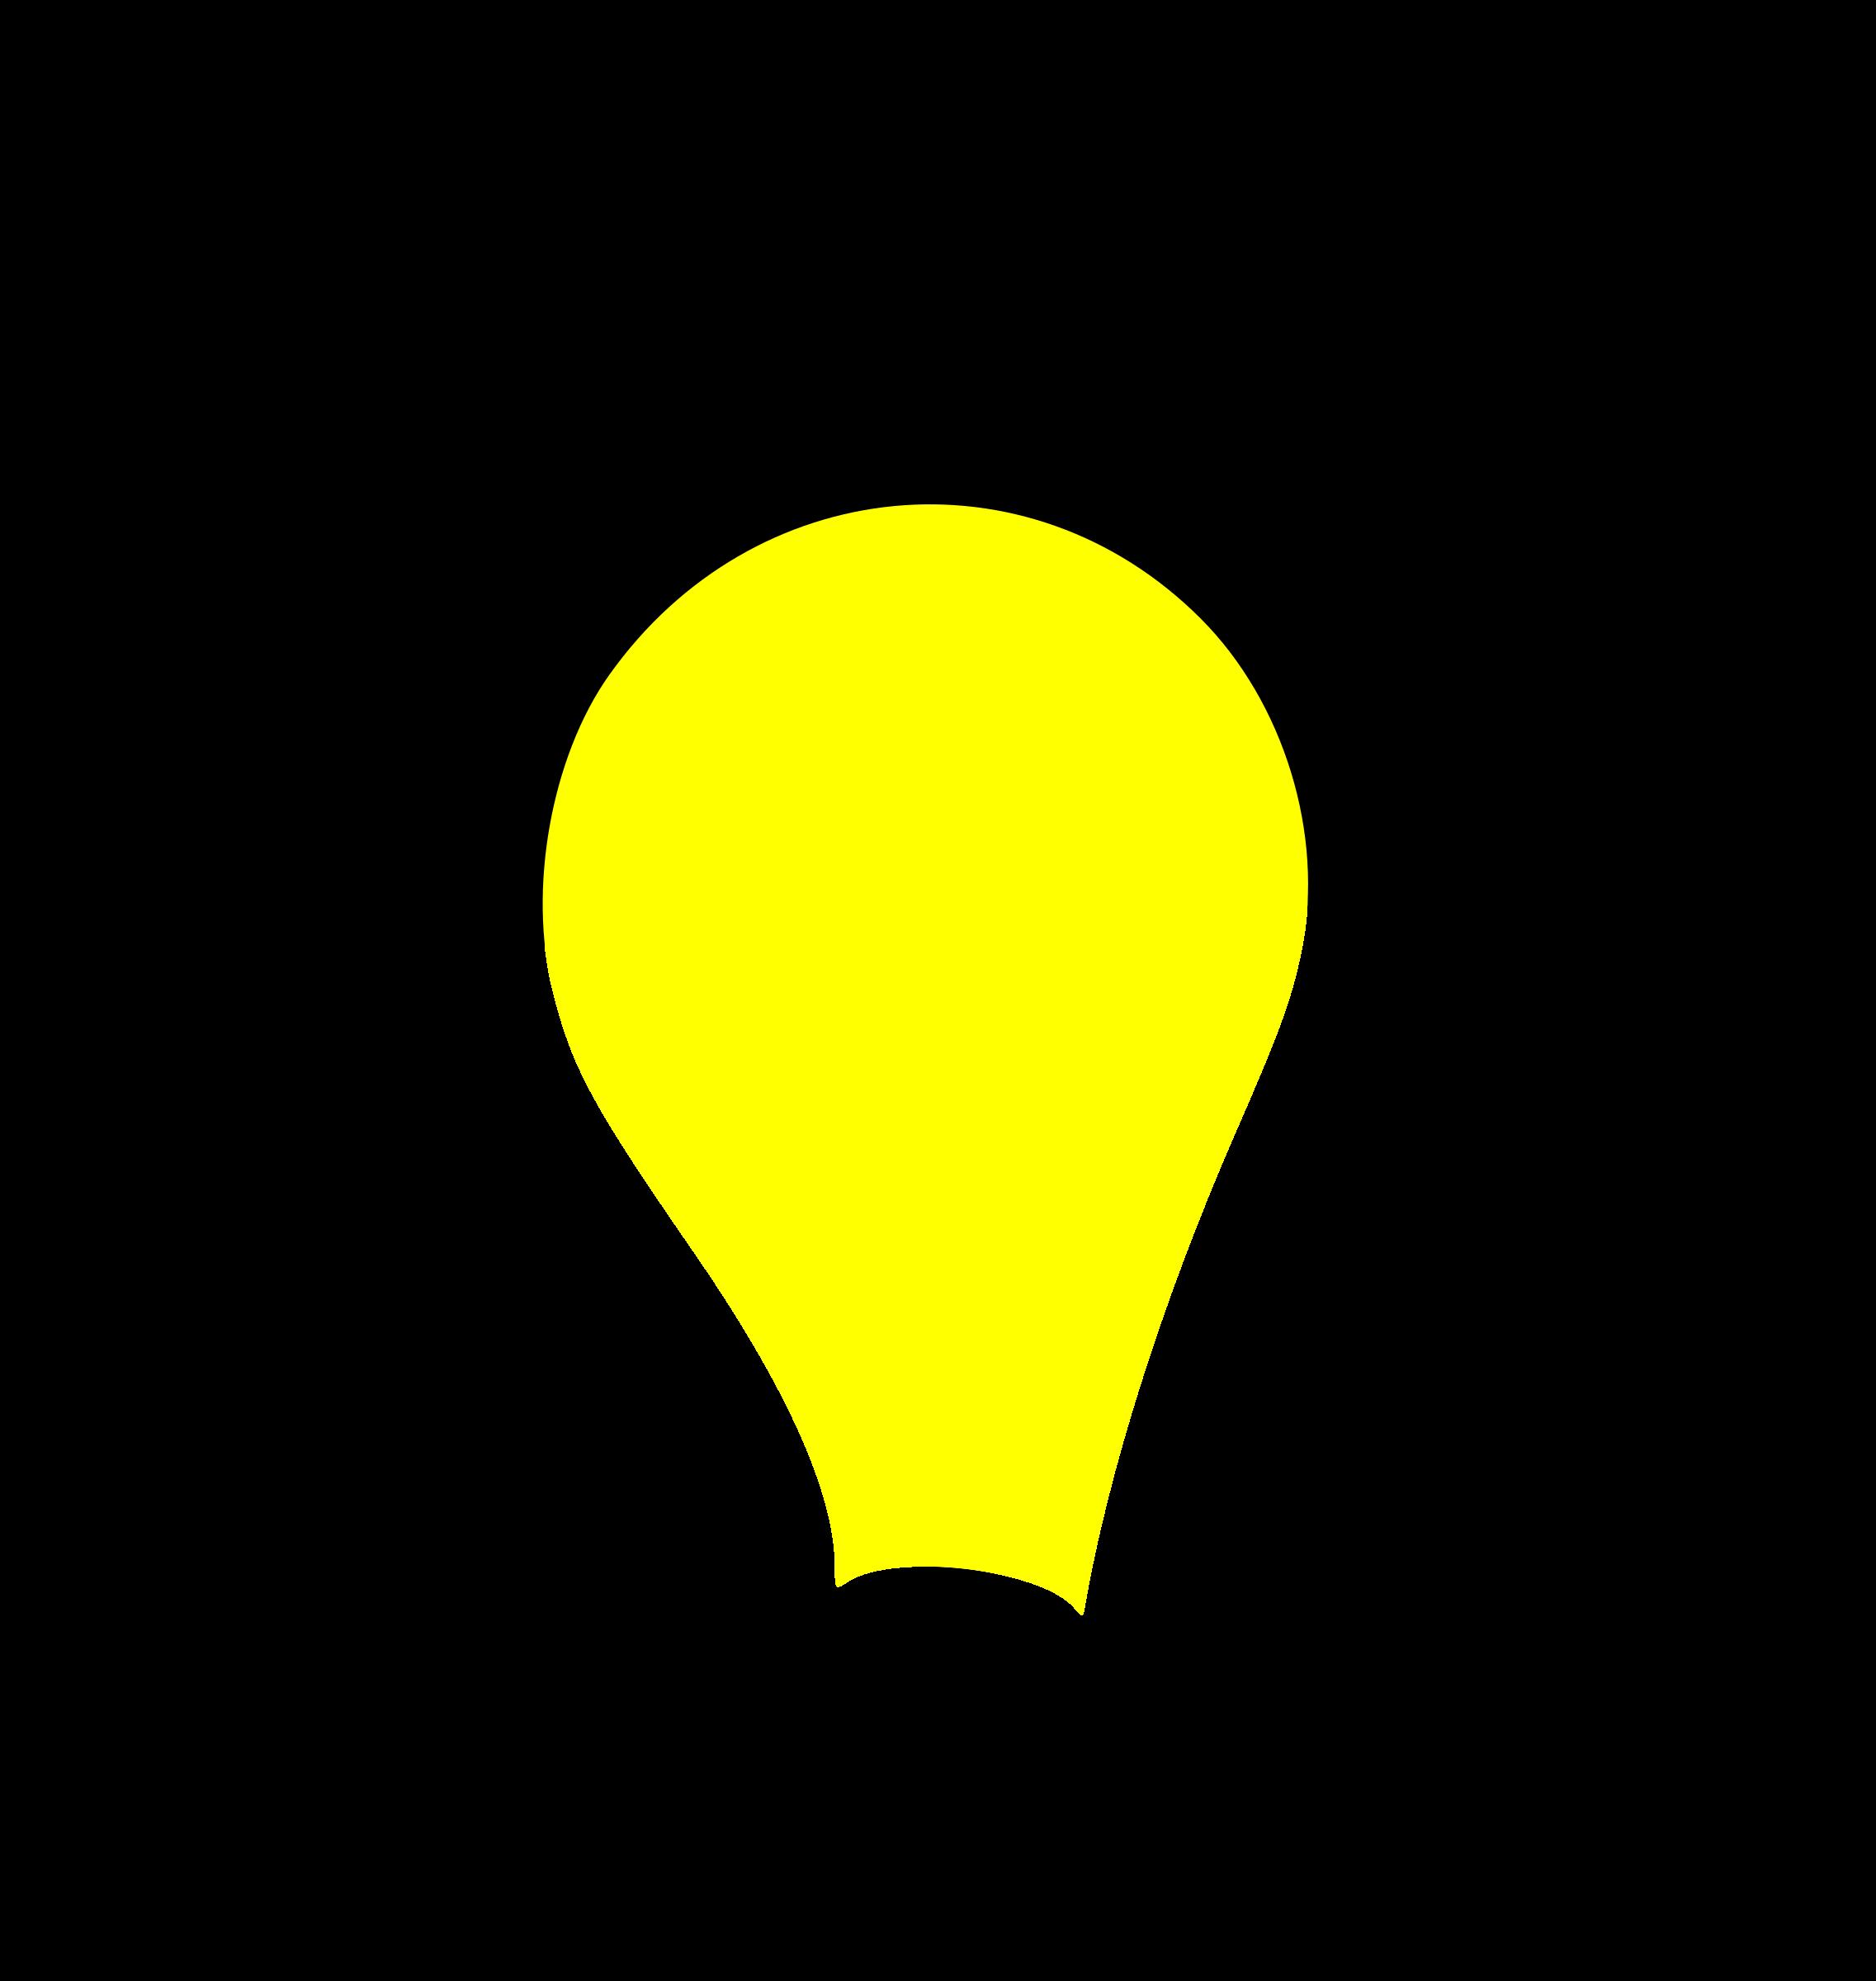 Light Bulb Clip Art u0026amp; Light Bulb Clip Art Clip Art Images .